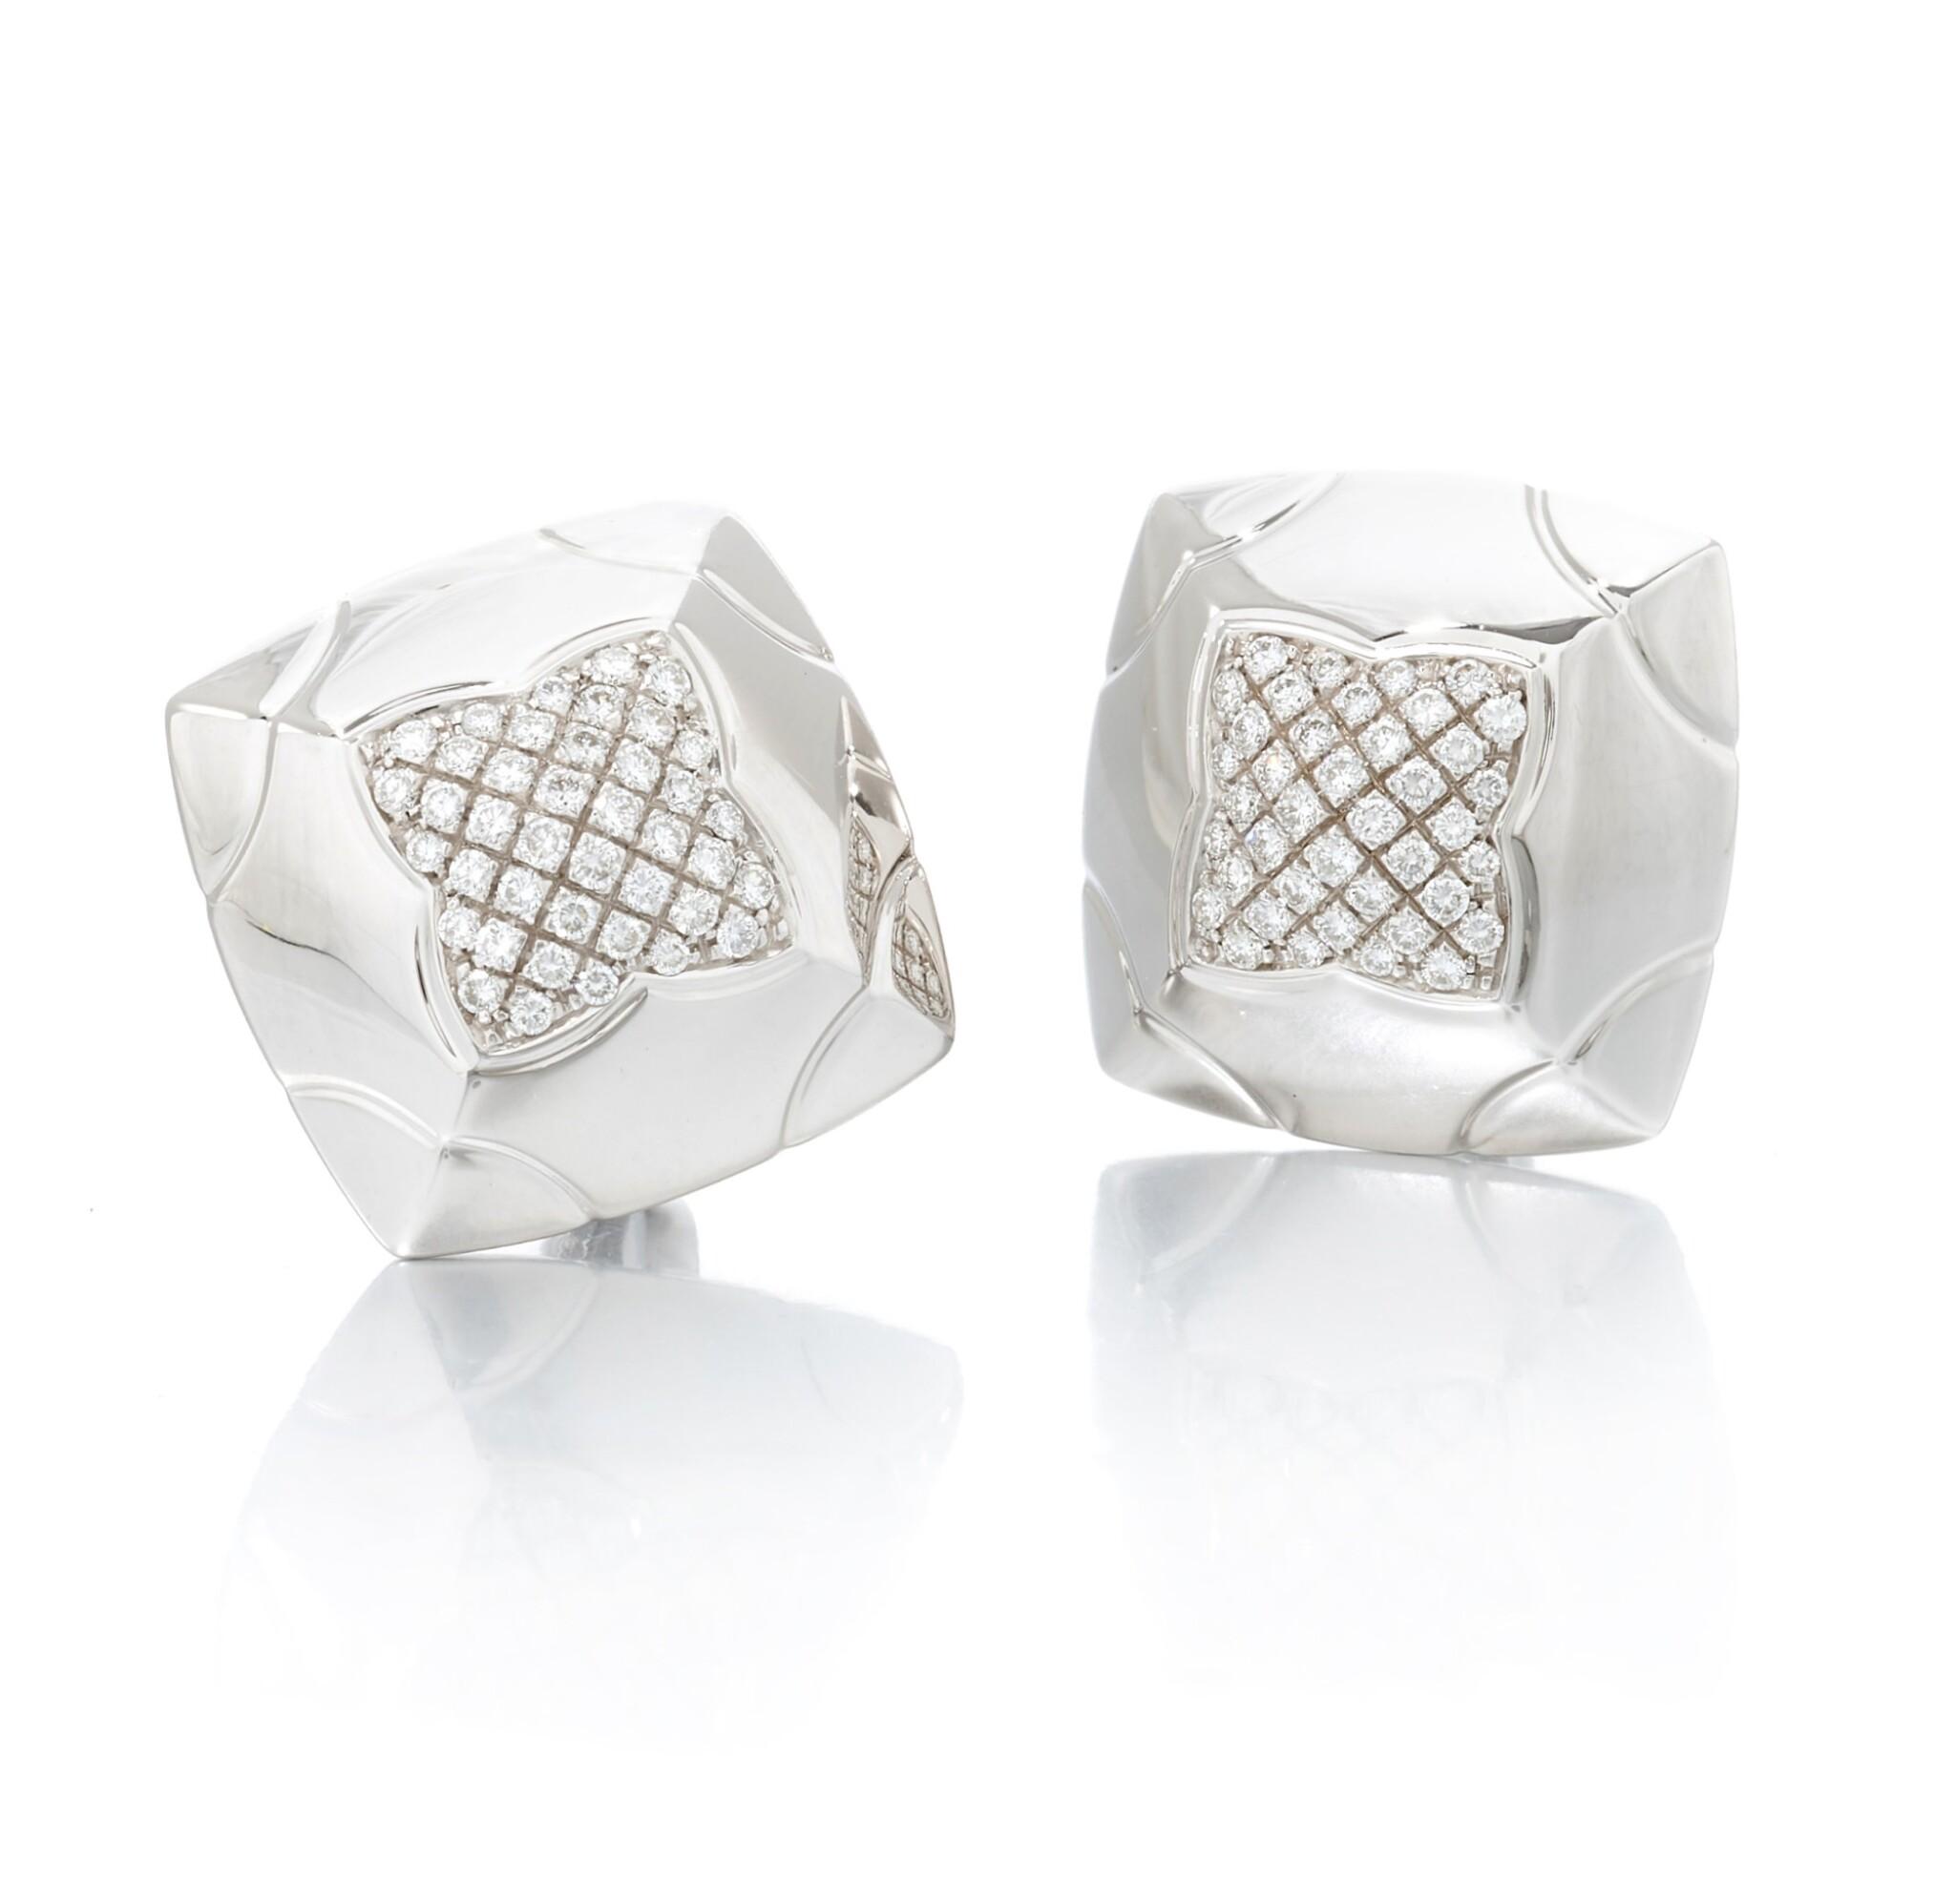 View 1 of Lot 134. Pair of diamond earclips (Paio di orecchini a clip con diamanti).